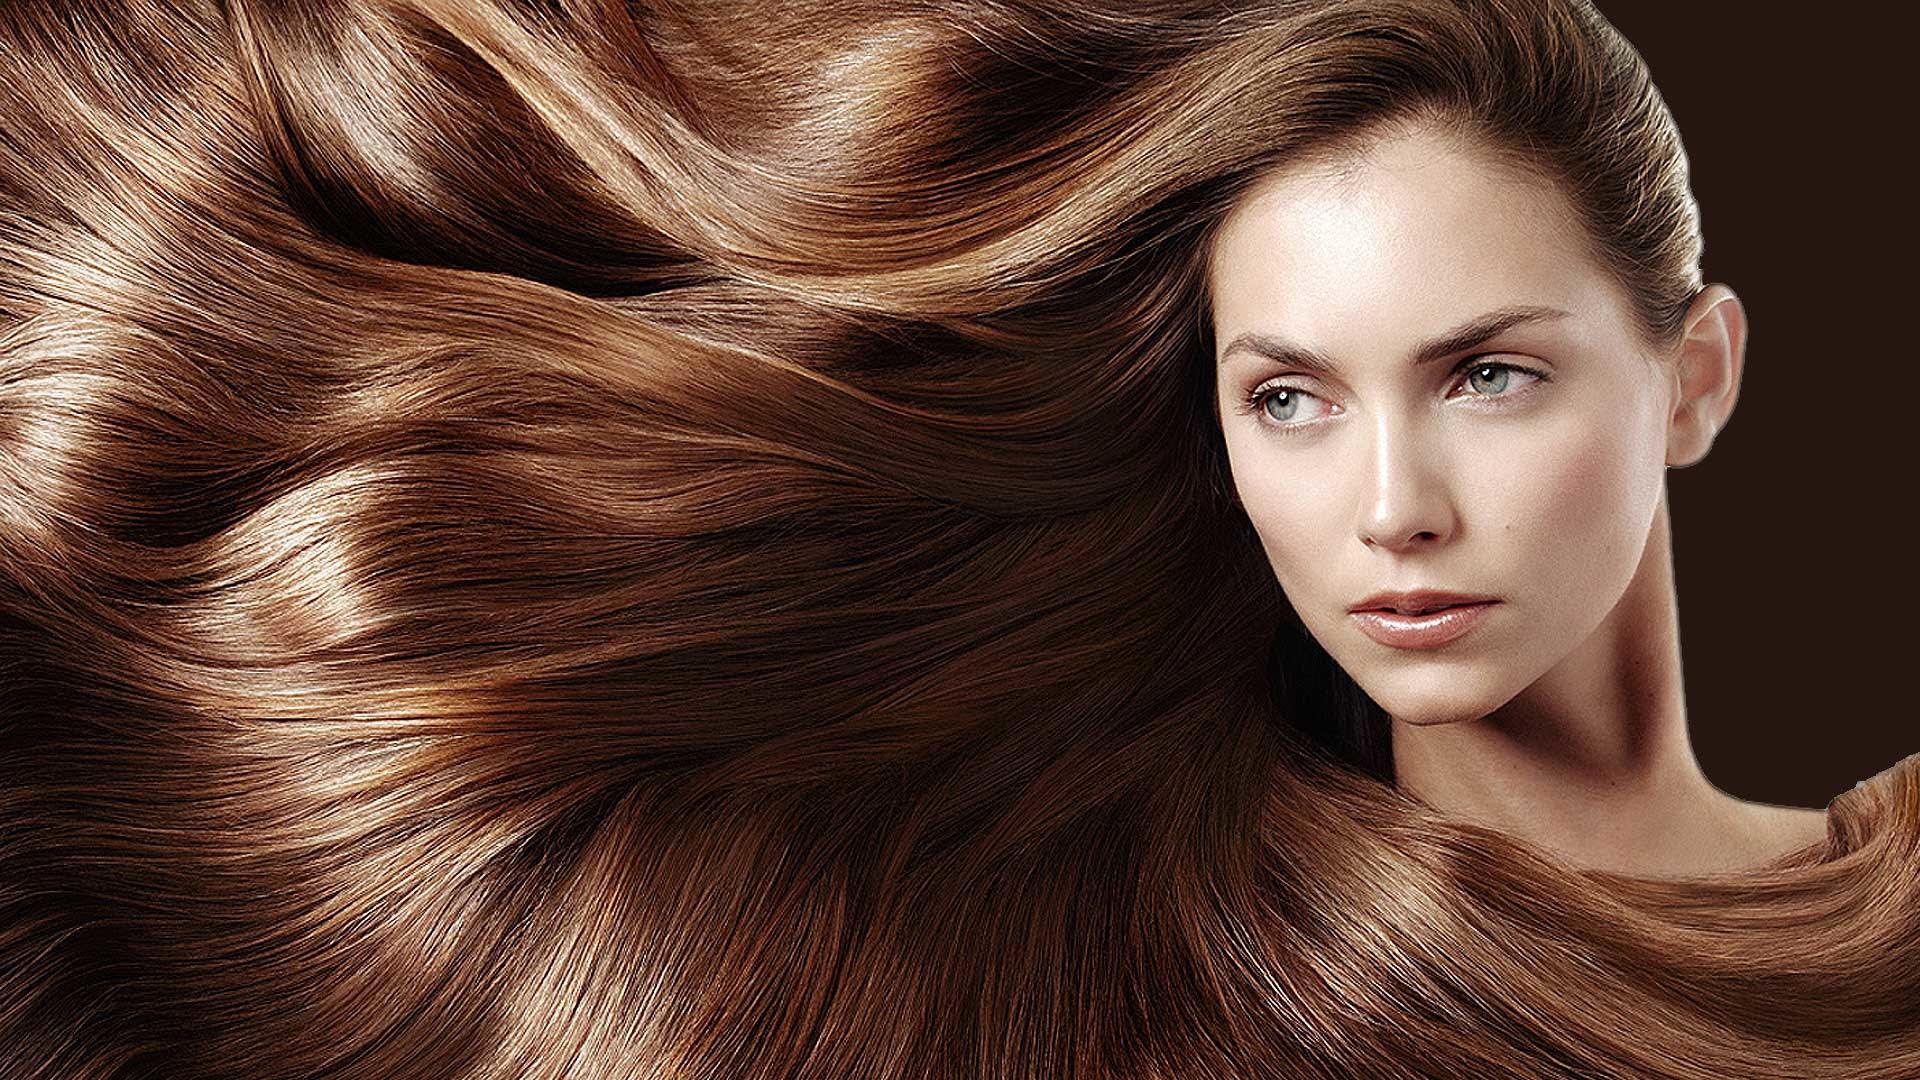 Beauty Salon Wallpaper (40+ images)